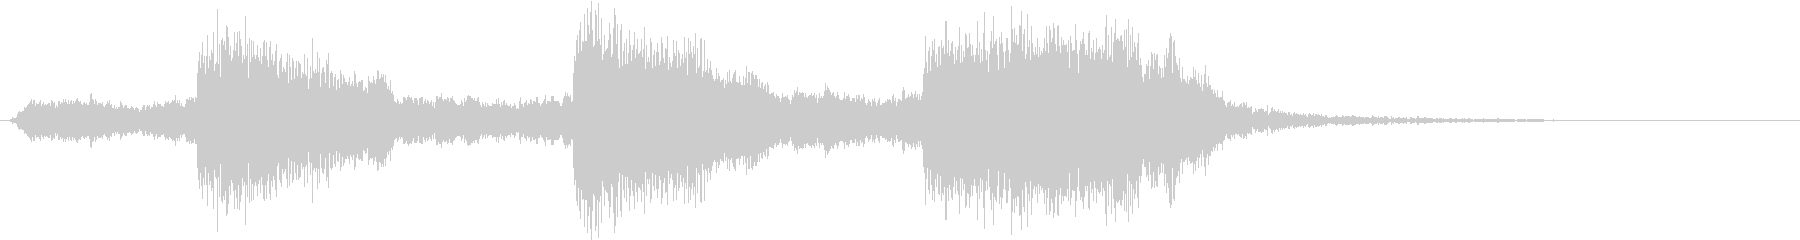 トムとジェリー風なアニメ音楽「驚き」6の未再生の波形